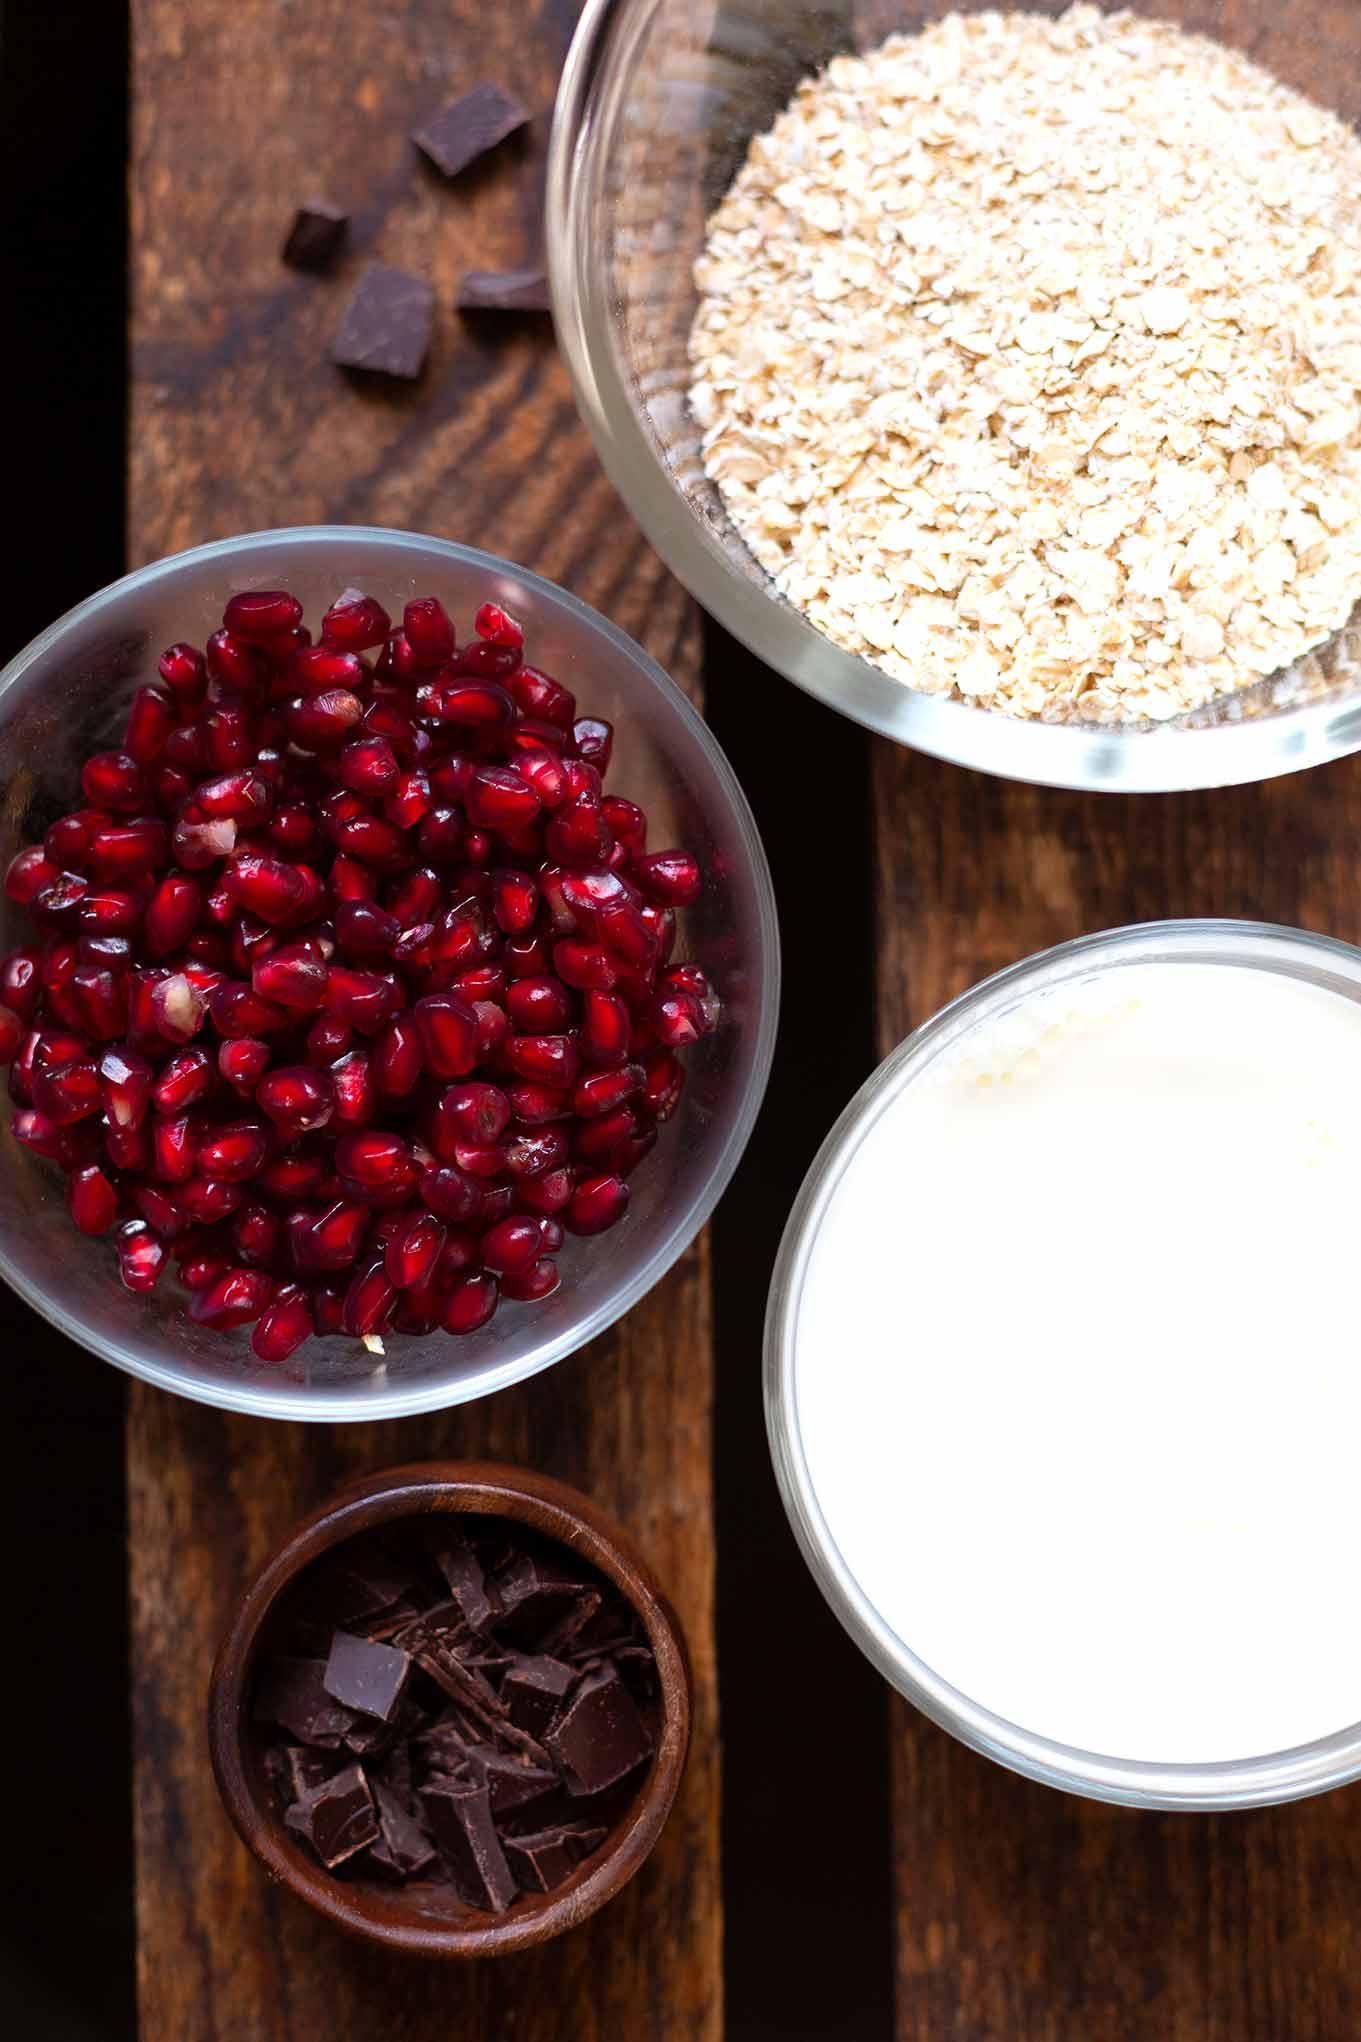 Diese Overnight Oats (ONOs) mit Granatapfel und Schokolade sind super einfach, schokoladig und ein flottes 4-Zutaten Rezept. Abends schon auf das Frühstück freuen. Kochkarussell - dein Foodblog für schnelle und gesunde Rezeptinspiration.